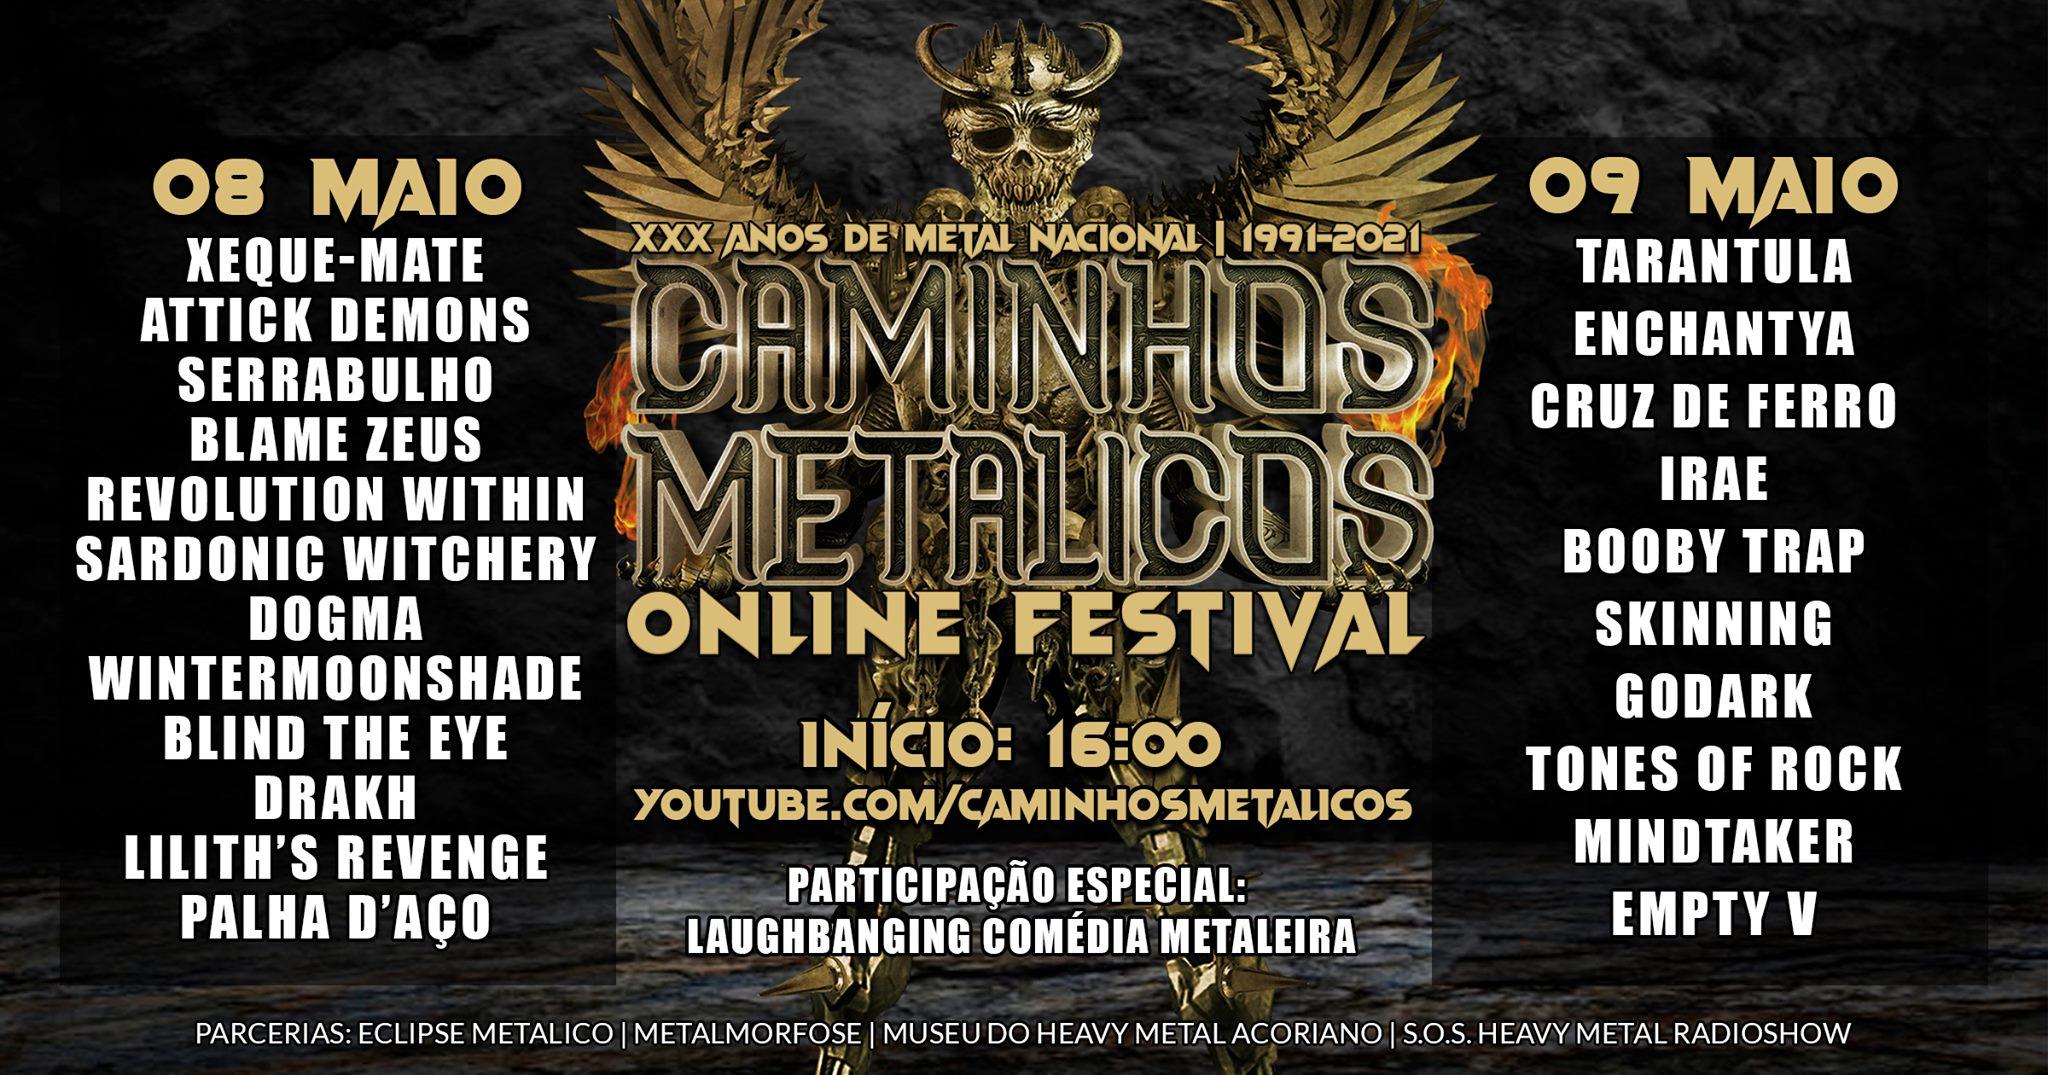 CAMINHOS METÁLICOS ONLINE FESTIVAL